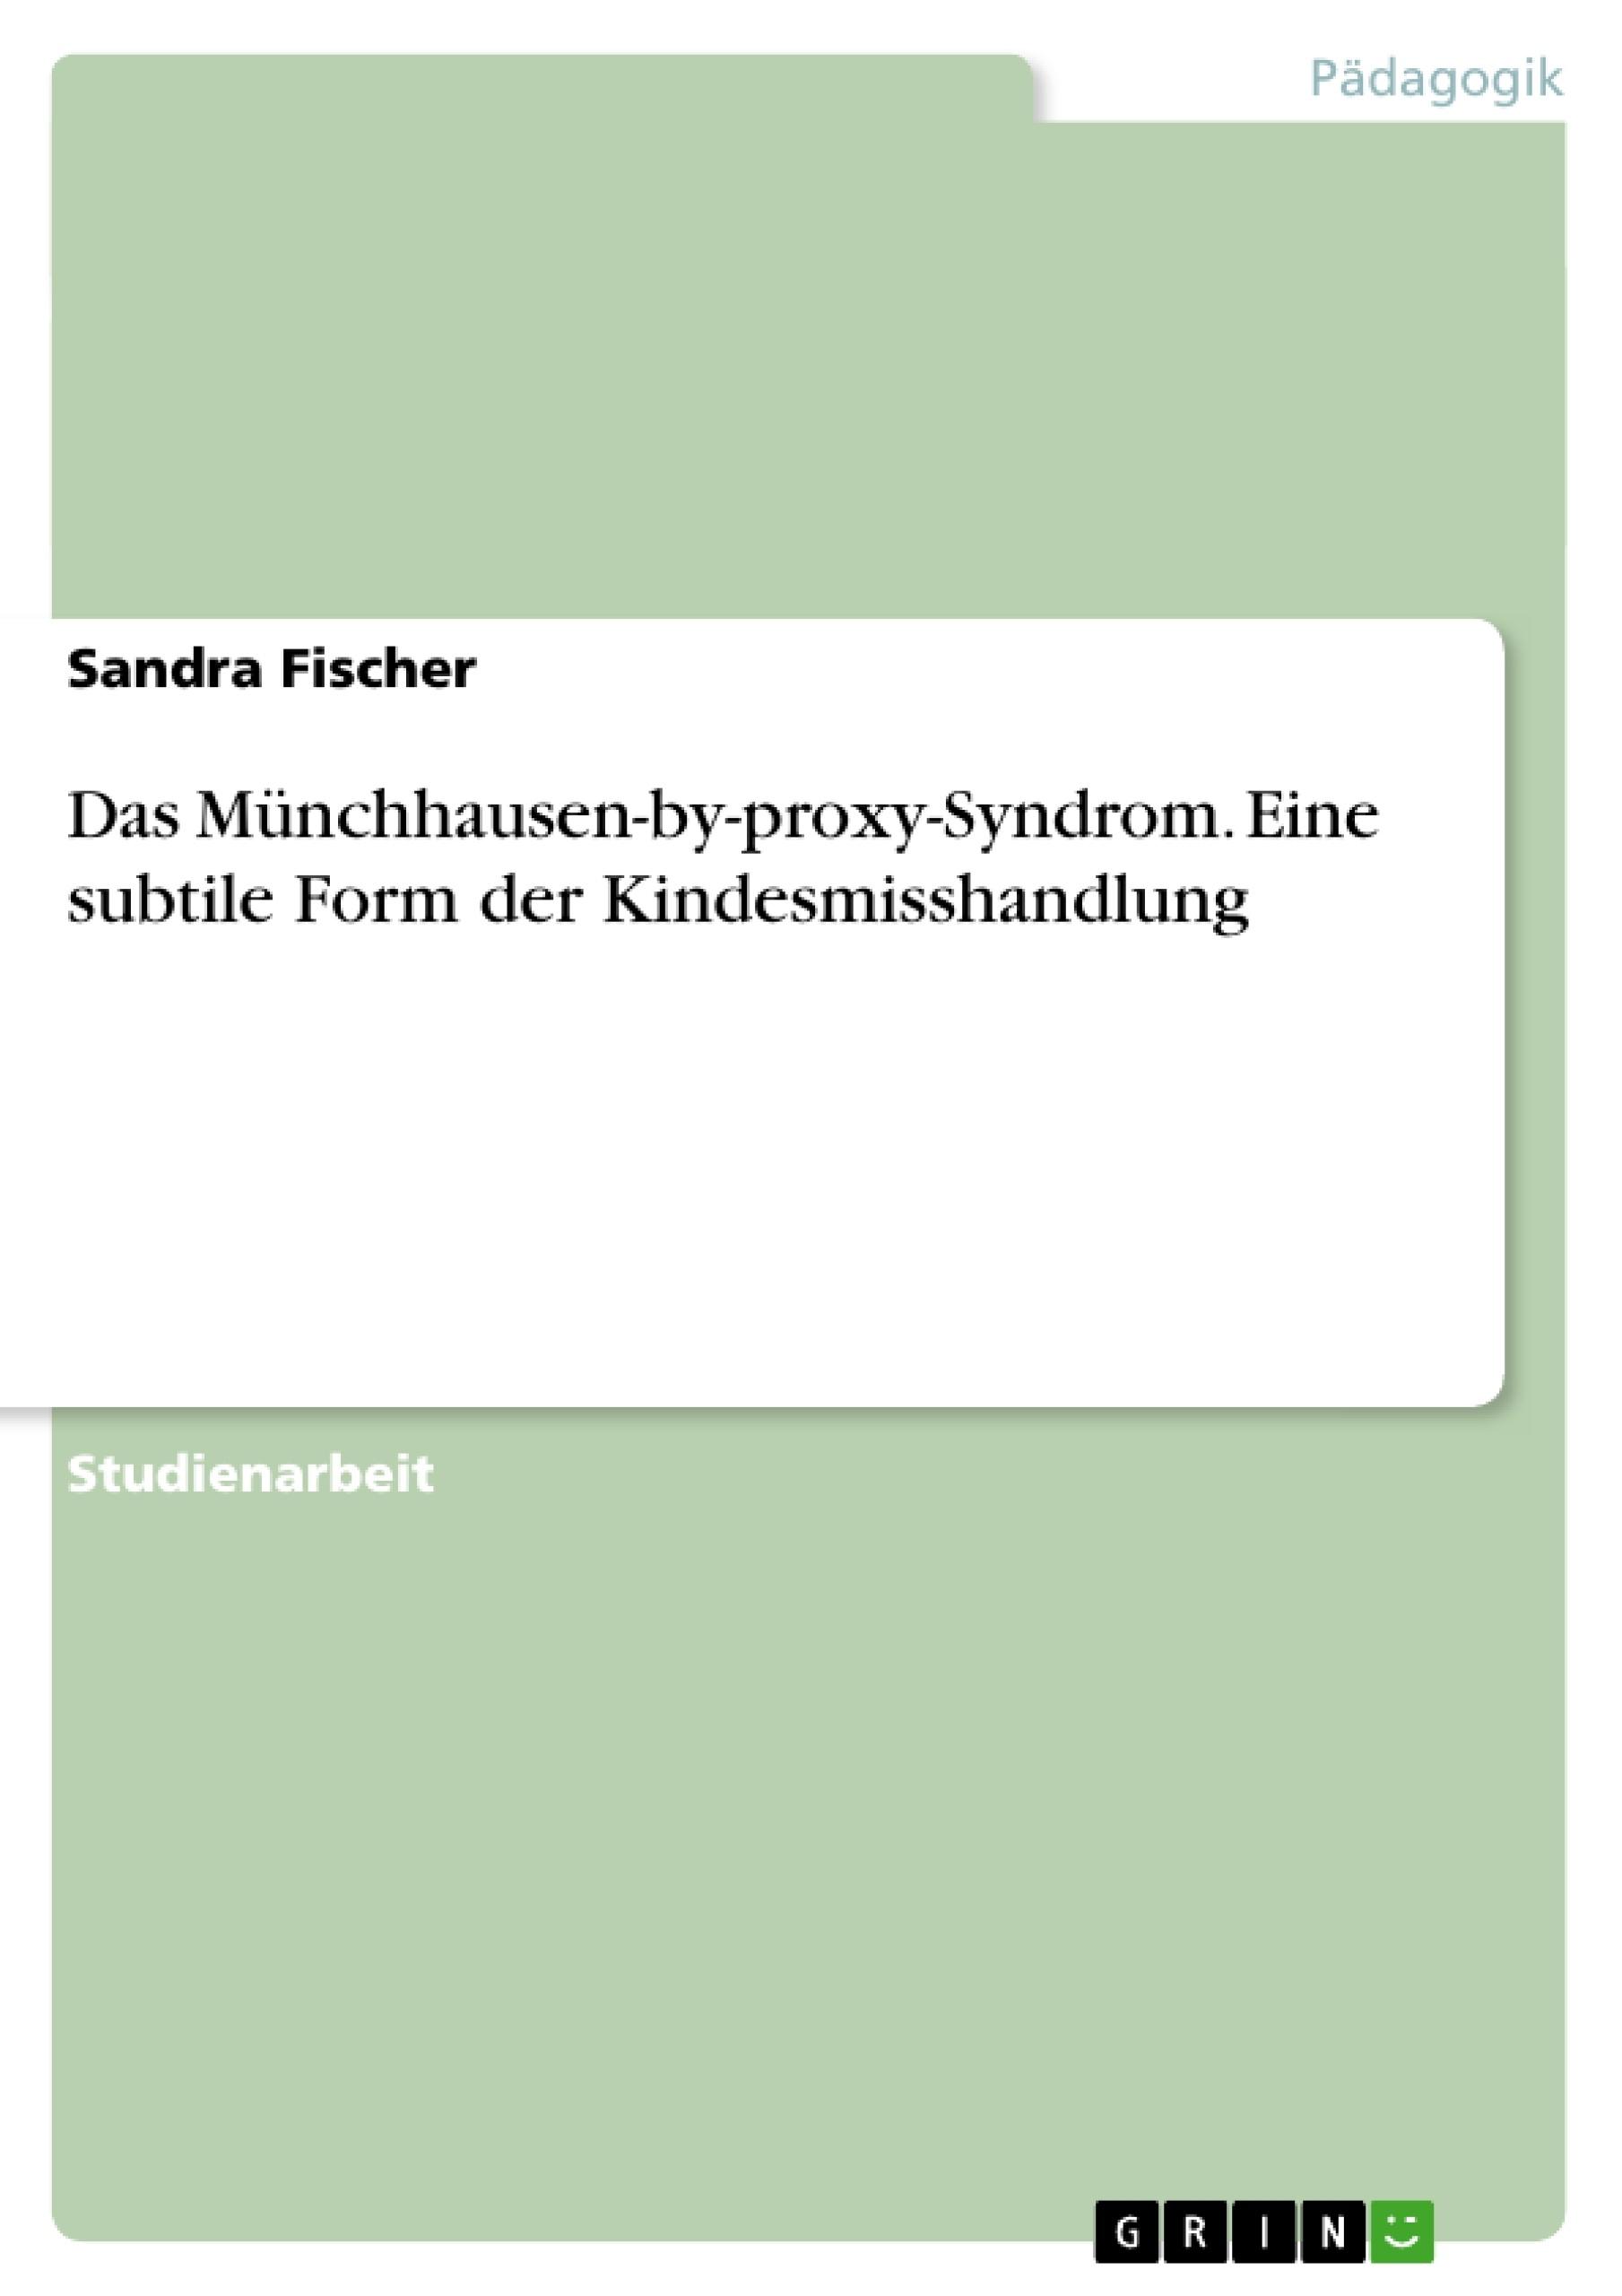 Titel: Das Münchhausen-by-proxy-Syndrom. Eine subtile Form der Kindesmisshandlung